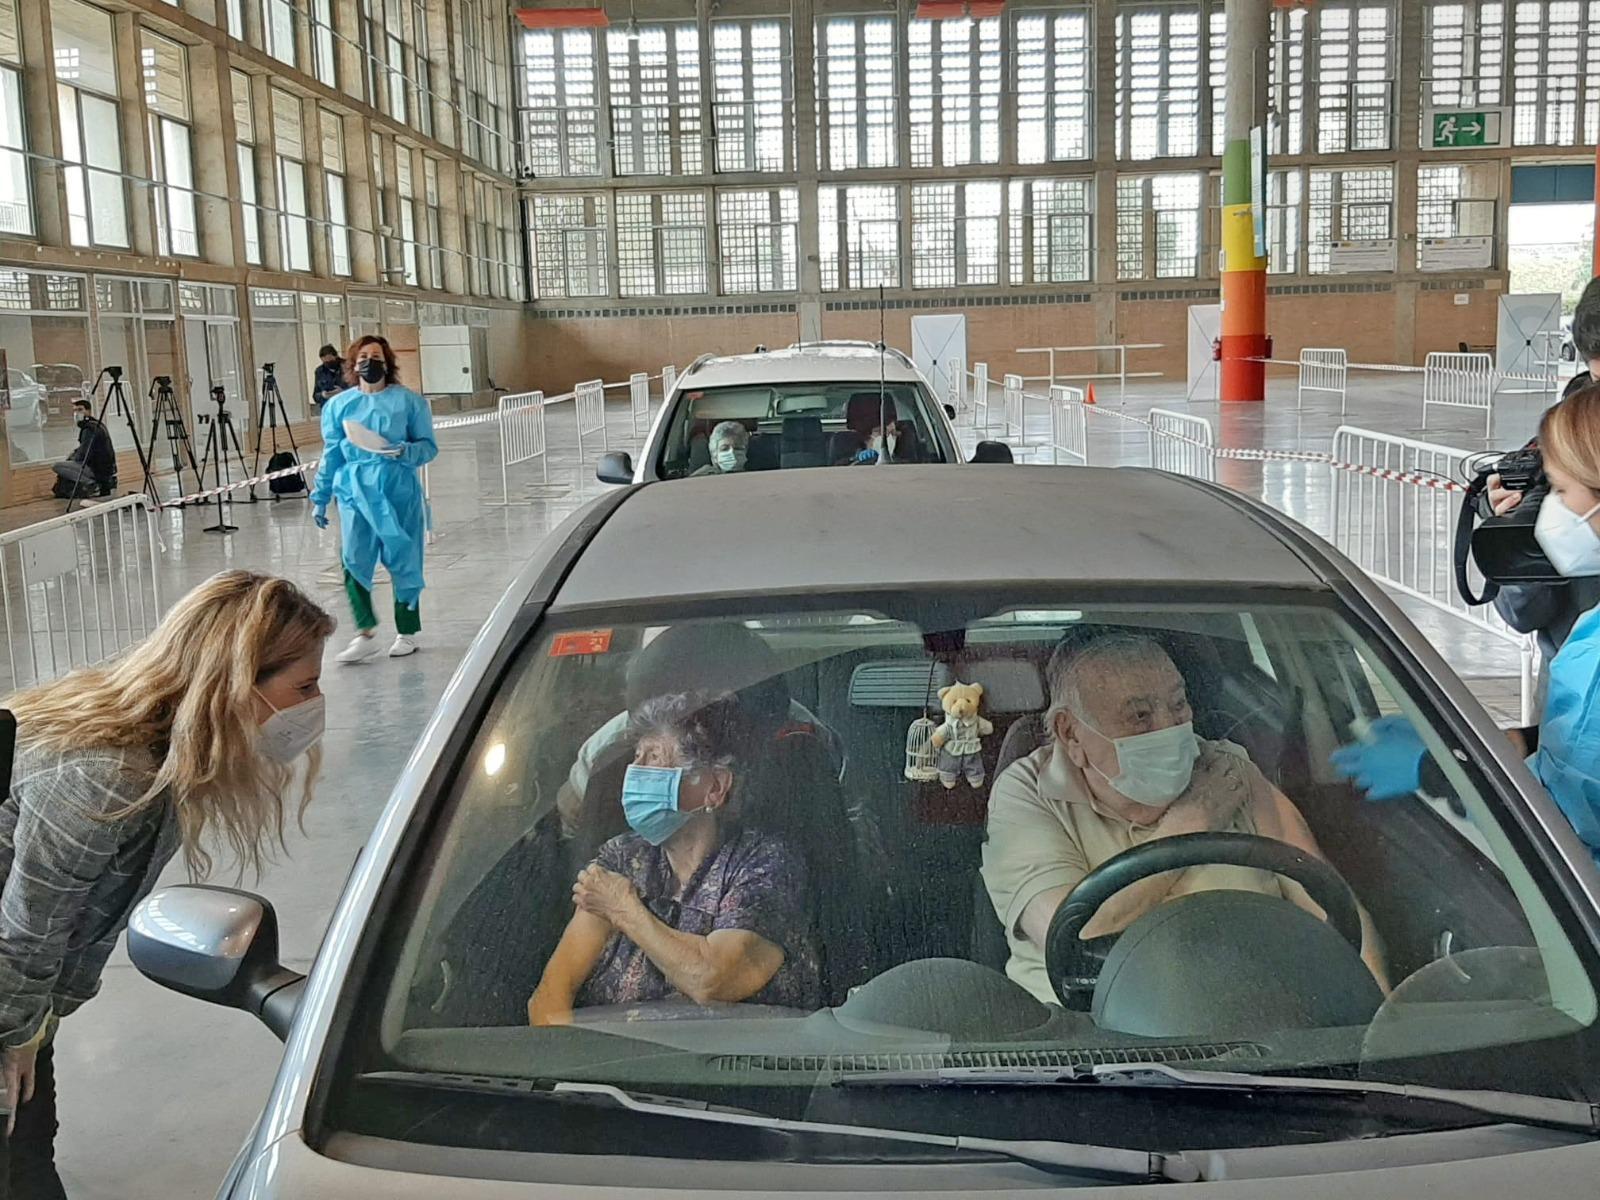 El Área Sanitaria de Jerez administra cerca de 700.000 vacunas contra el COVID-19 desde el inicio del programa en 2020